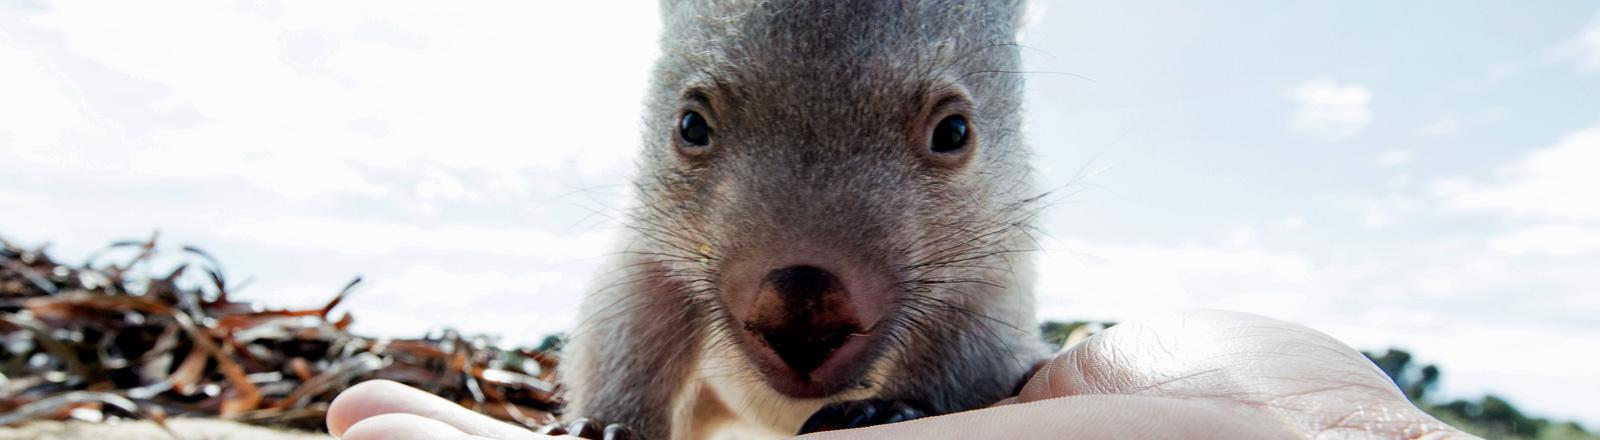 Wombat Derek am Strand